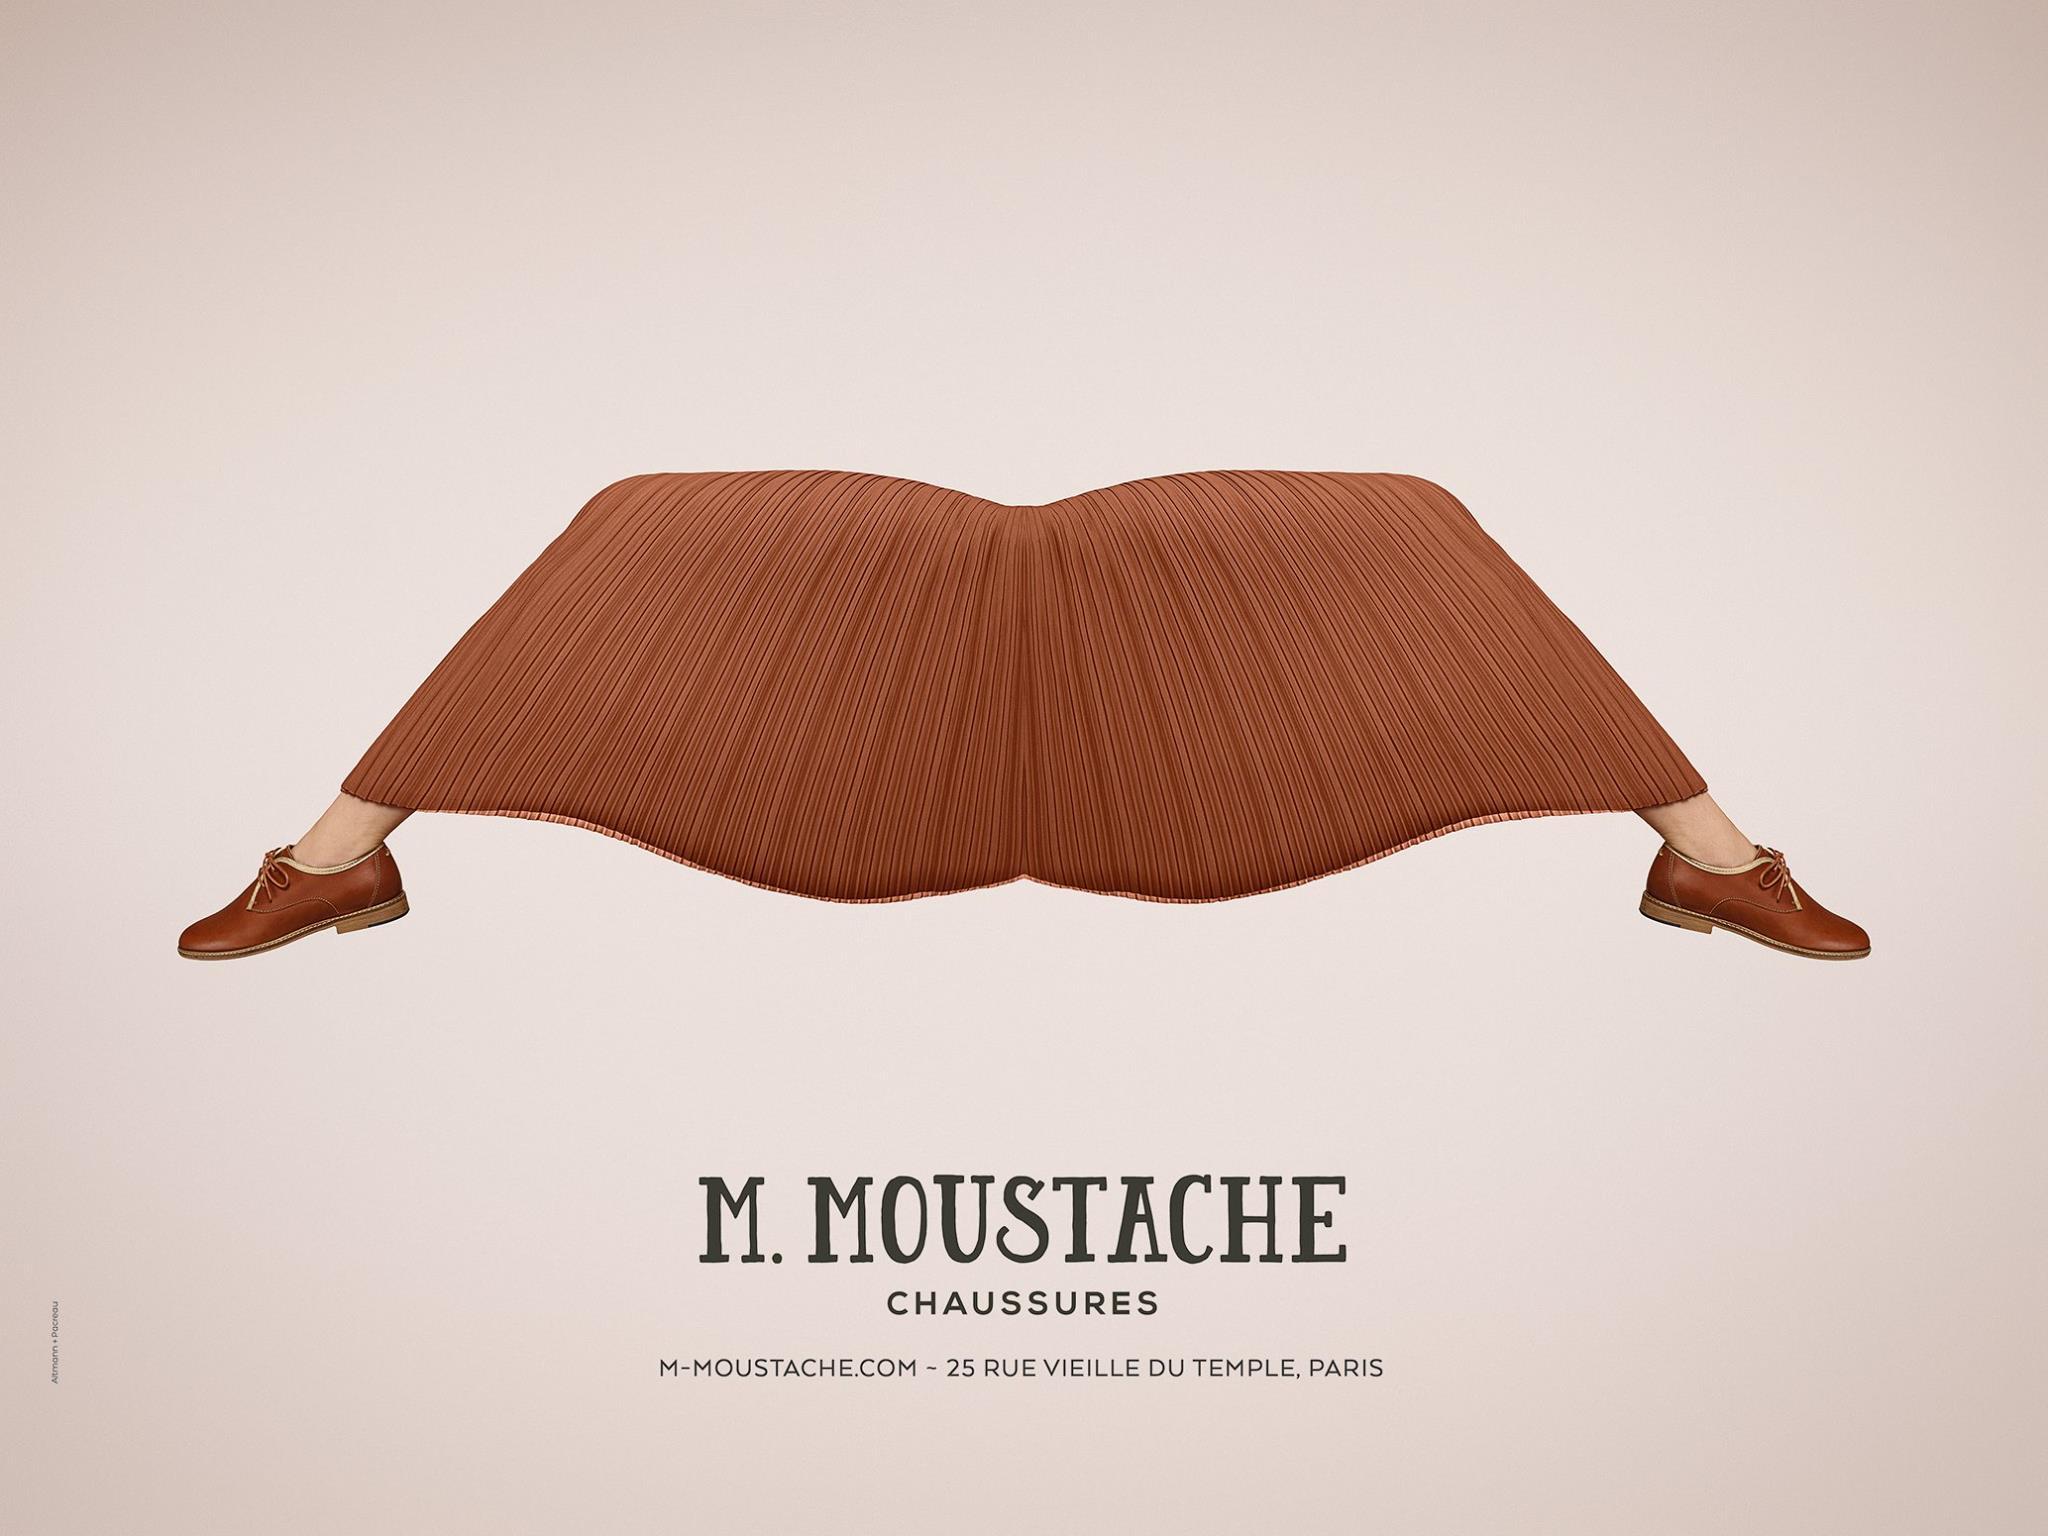 m-monsieur-moustache-chaussures-paris-rue-vieille-du-temple-publicite-affiche-agence-altmann-pacreau-4